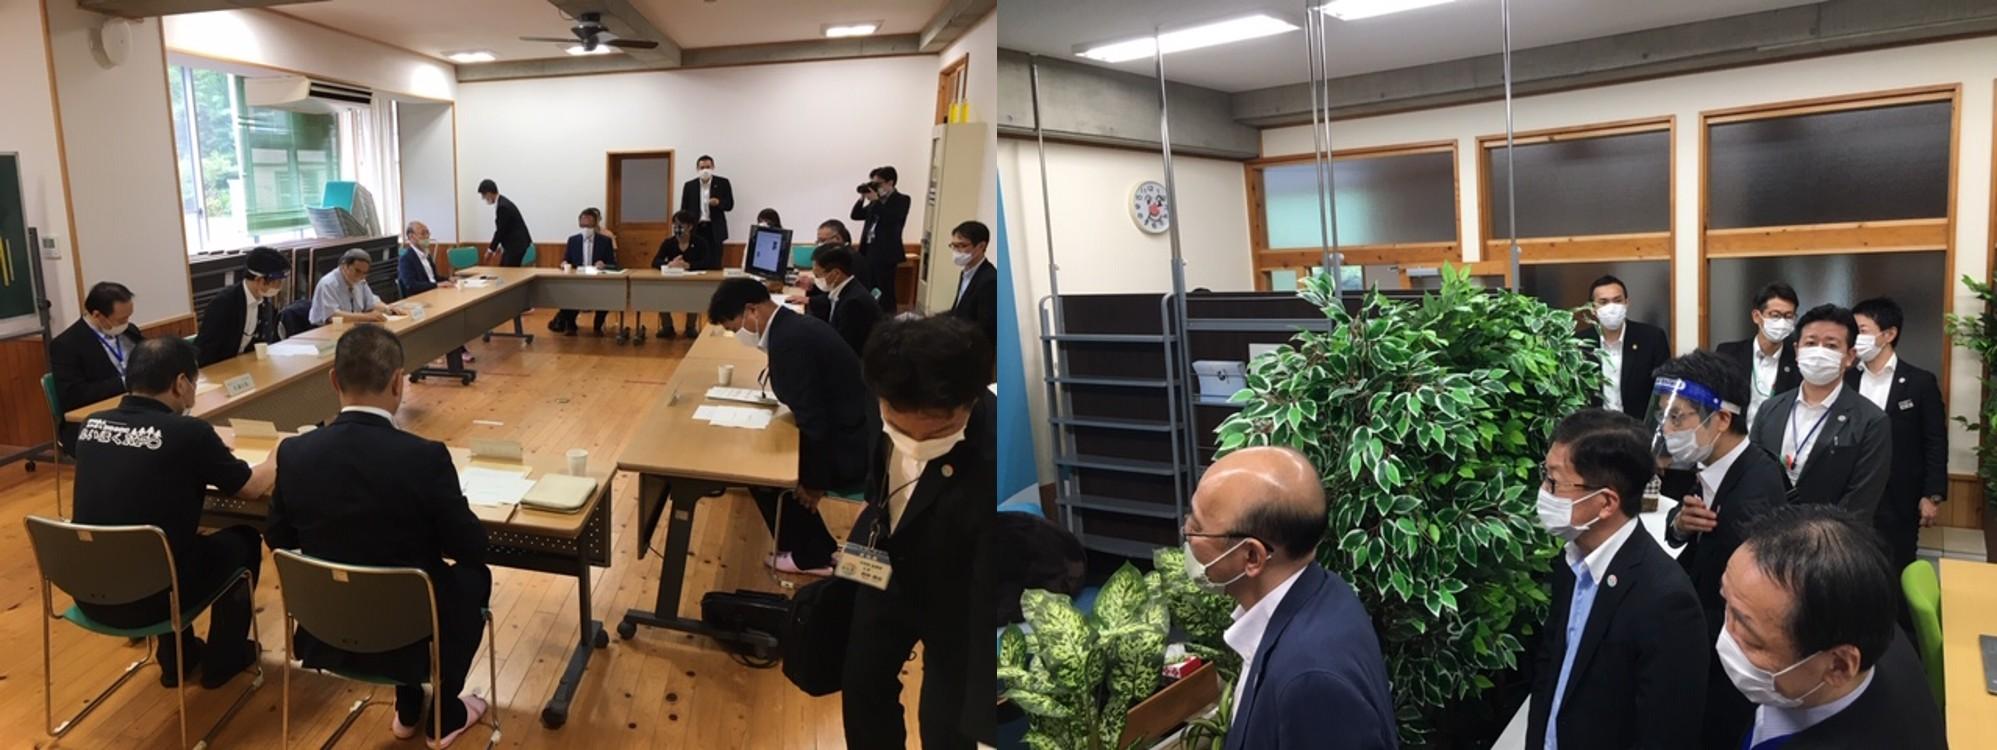 北村誠吾地方創生担当相、浜田高知県知事の両名が、弊社のオフィスへ視察でお越し頂きました